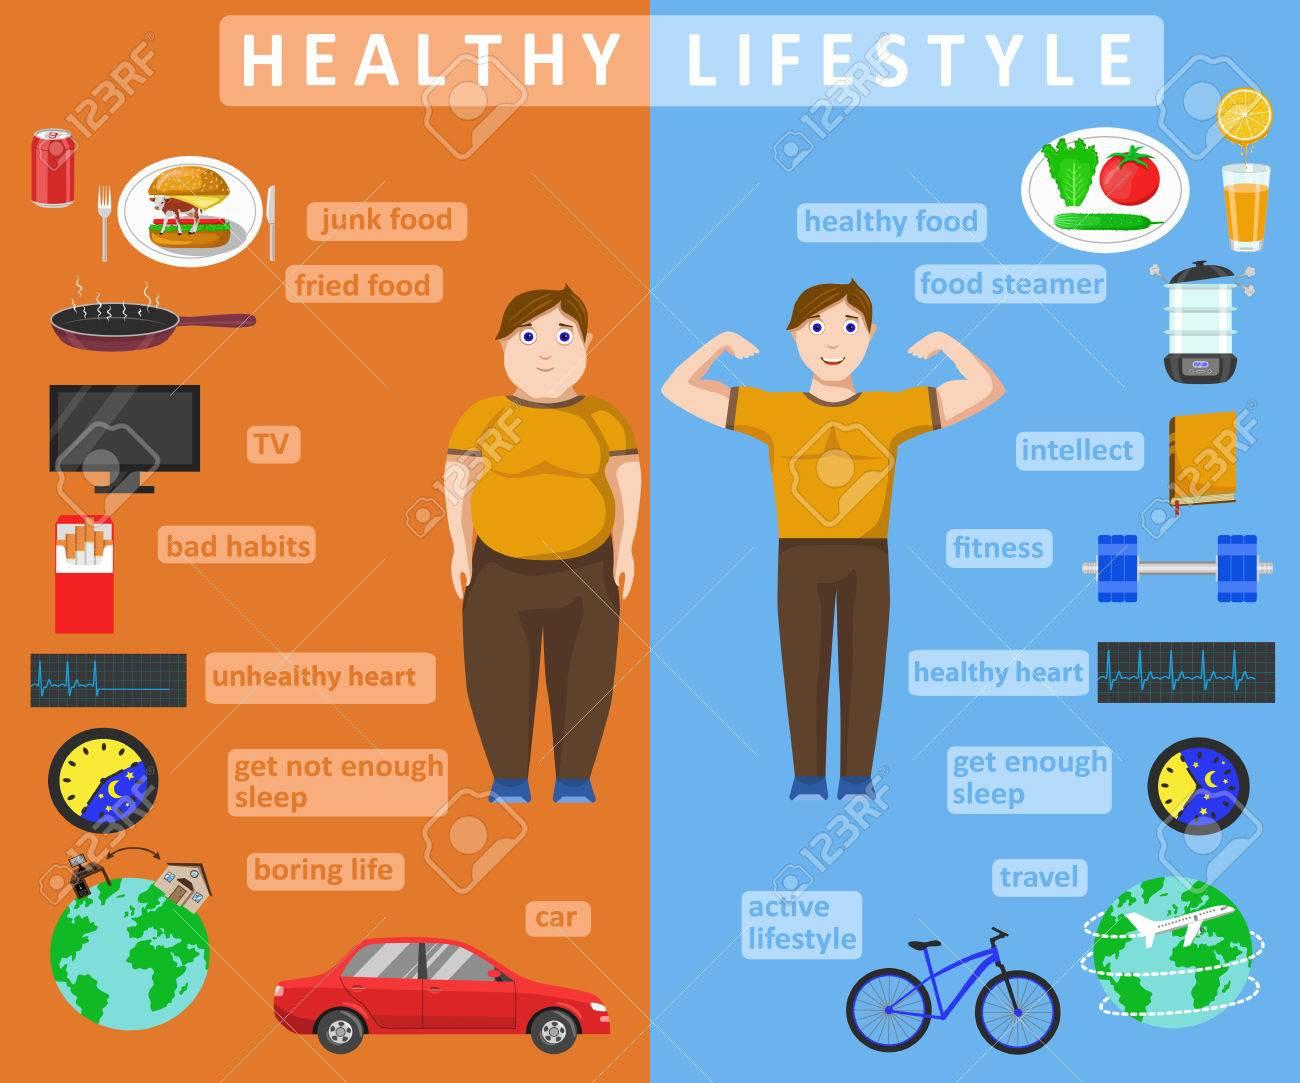 lo que es saludable delgado